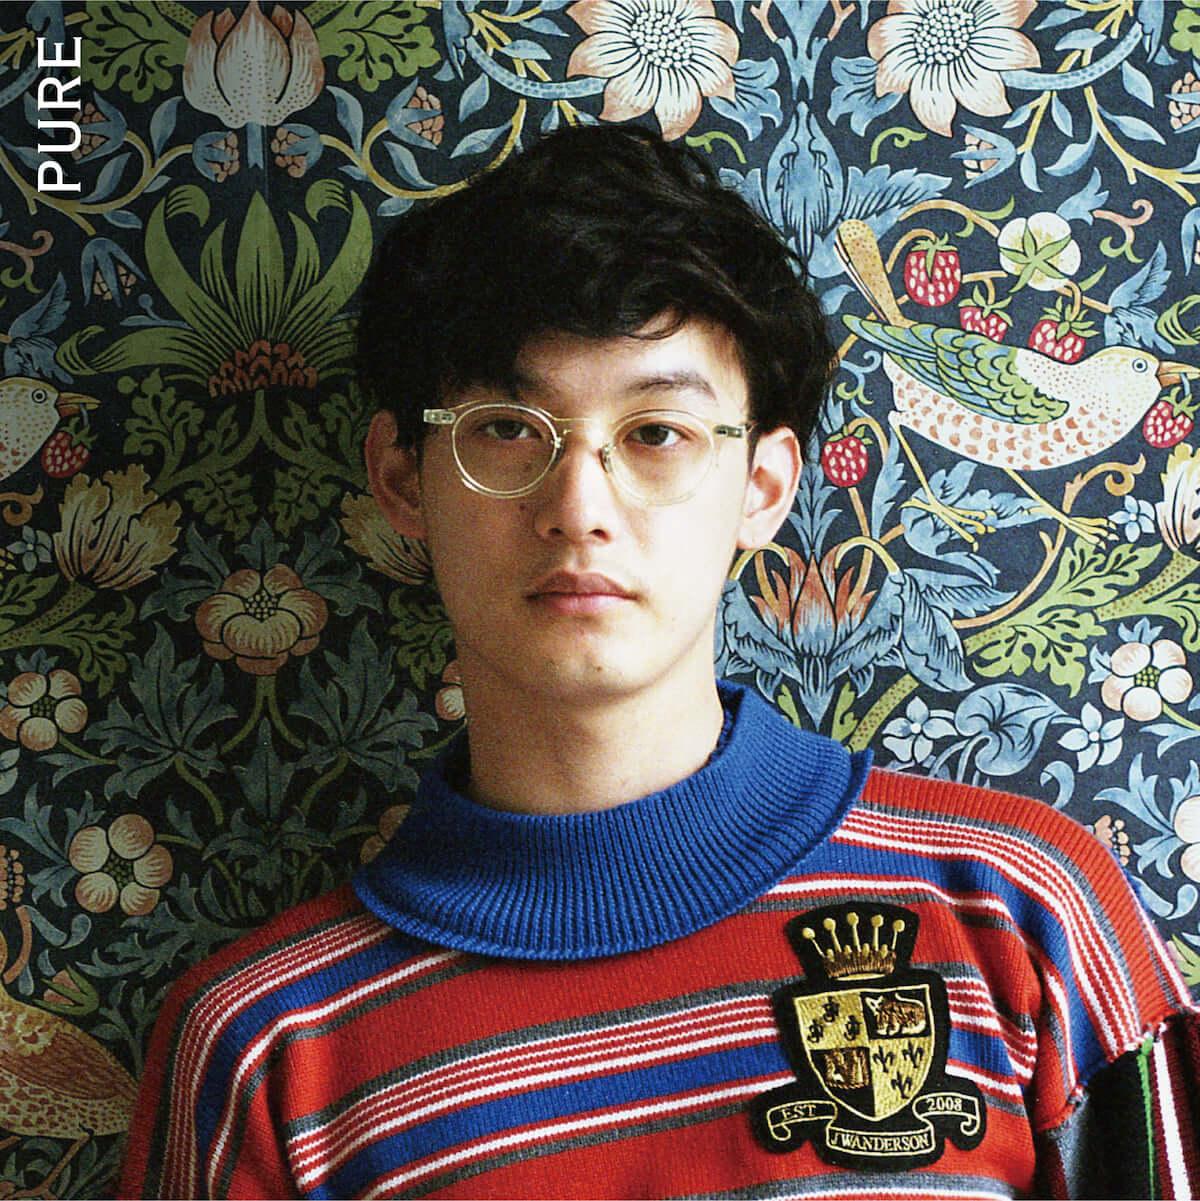 向井太一、11月28日リリースの『PURE』から「Pure」のMVが公開! music181004_taichimukai_1-1200x1201